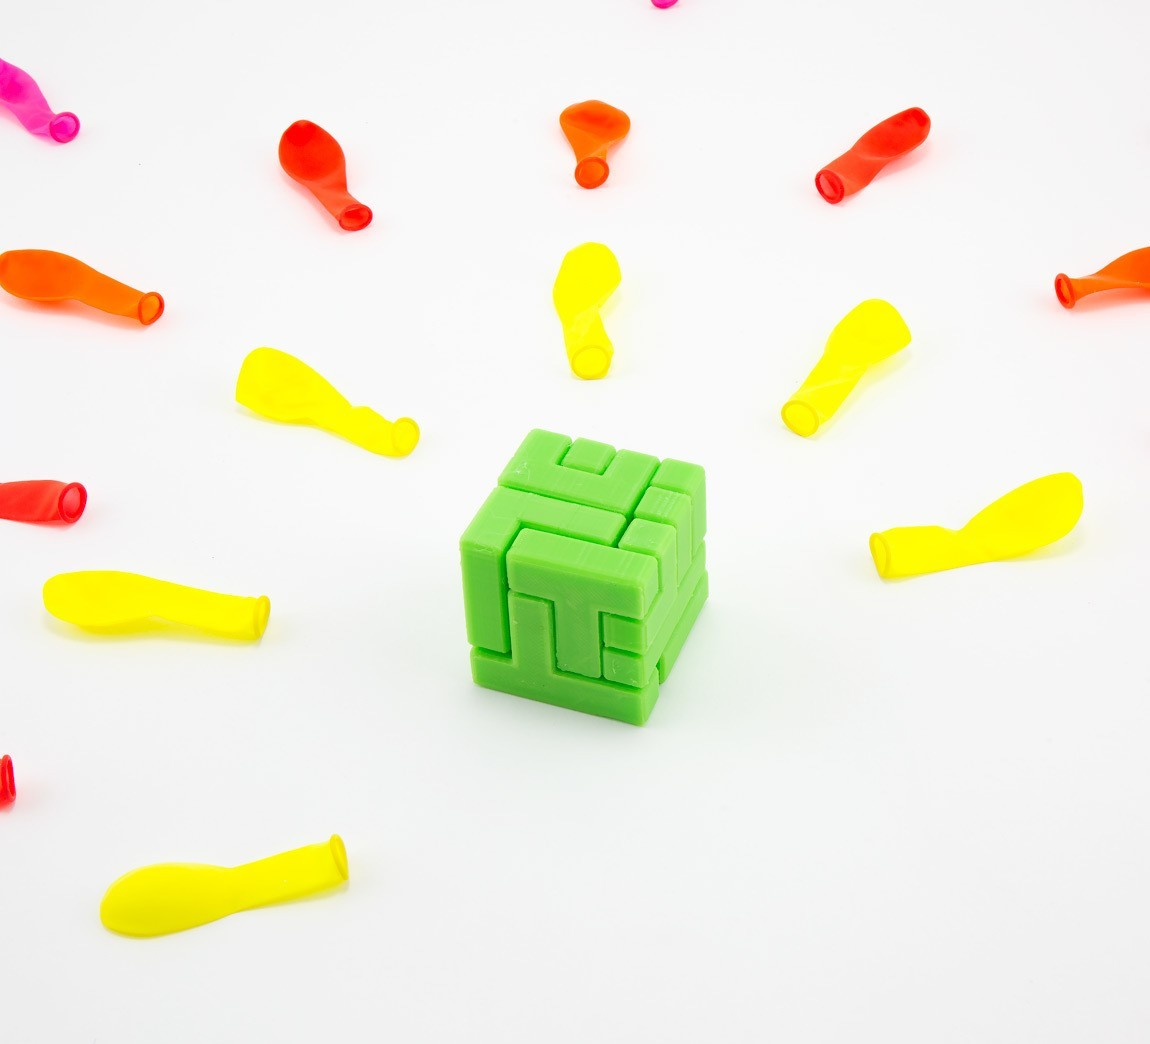 caba29fe59dd68c3356d71d1db495dc6_1444847280451_NMD000318d.jpg Download free STL file 4x4 Puzzle Cube • 3D printer model, FerryTeacher